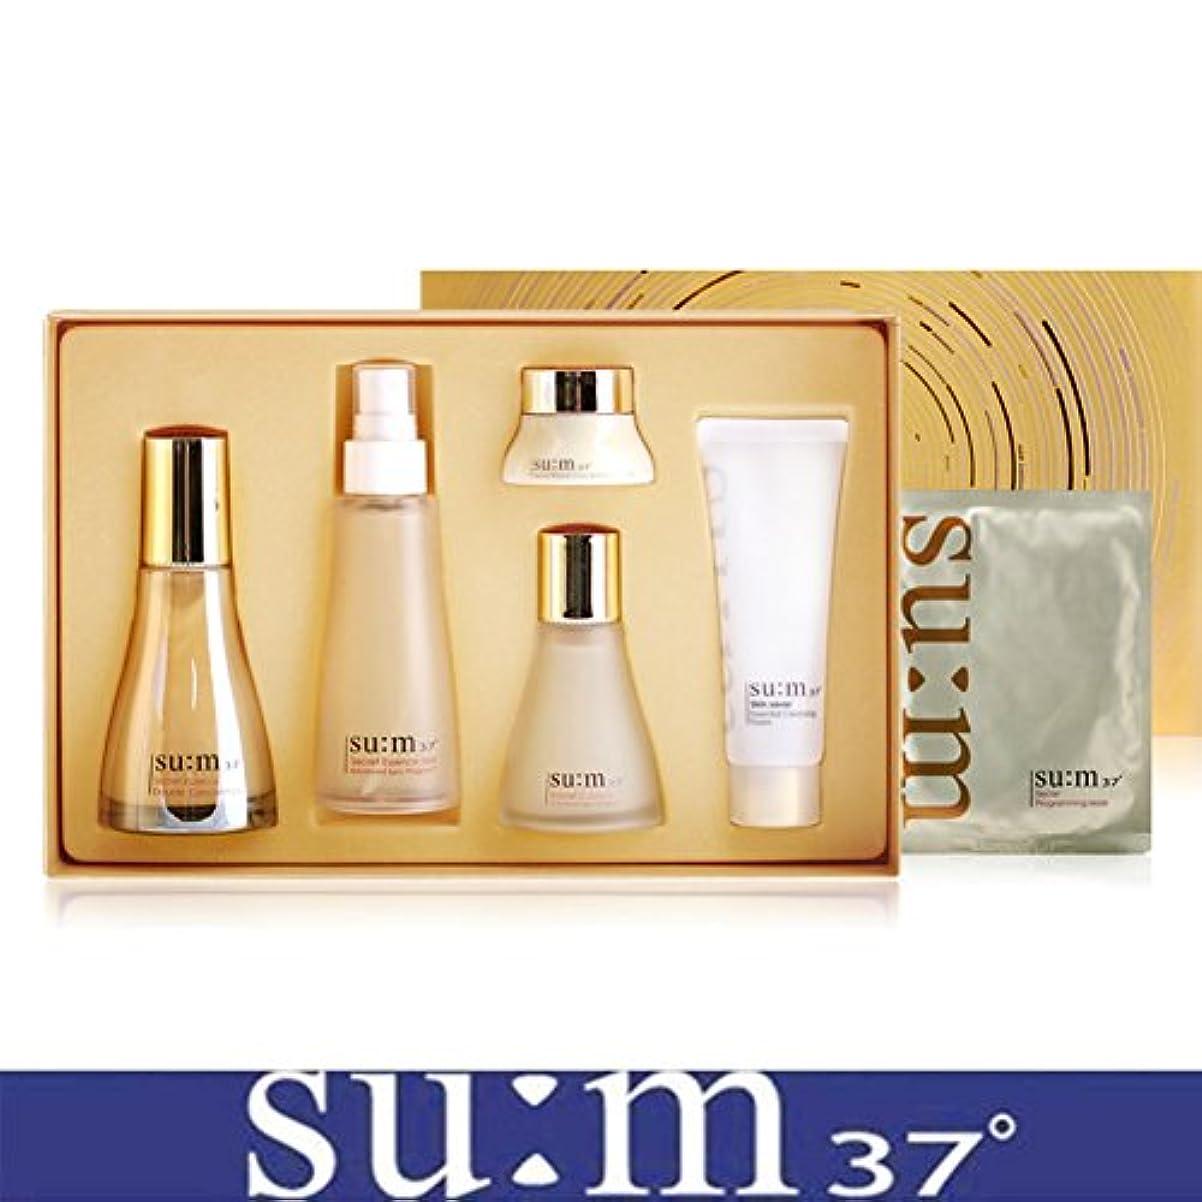 巨大なエトナ山論理[su:m37/スム37°] SUM37 Secret Essence SPECIAL 100ml Limited Edition/シークレットエッセンススペシャルリミテッドエディション+[Sample Gift](海外直送品)